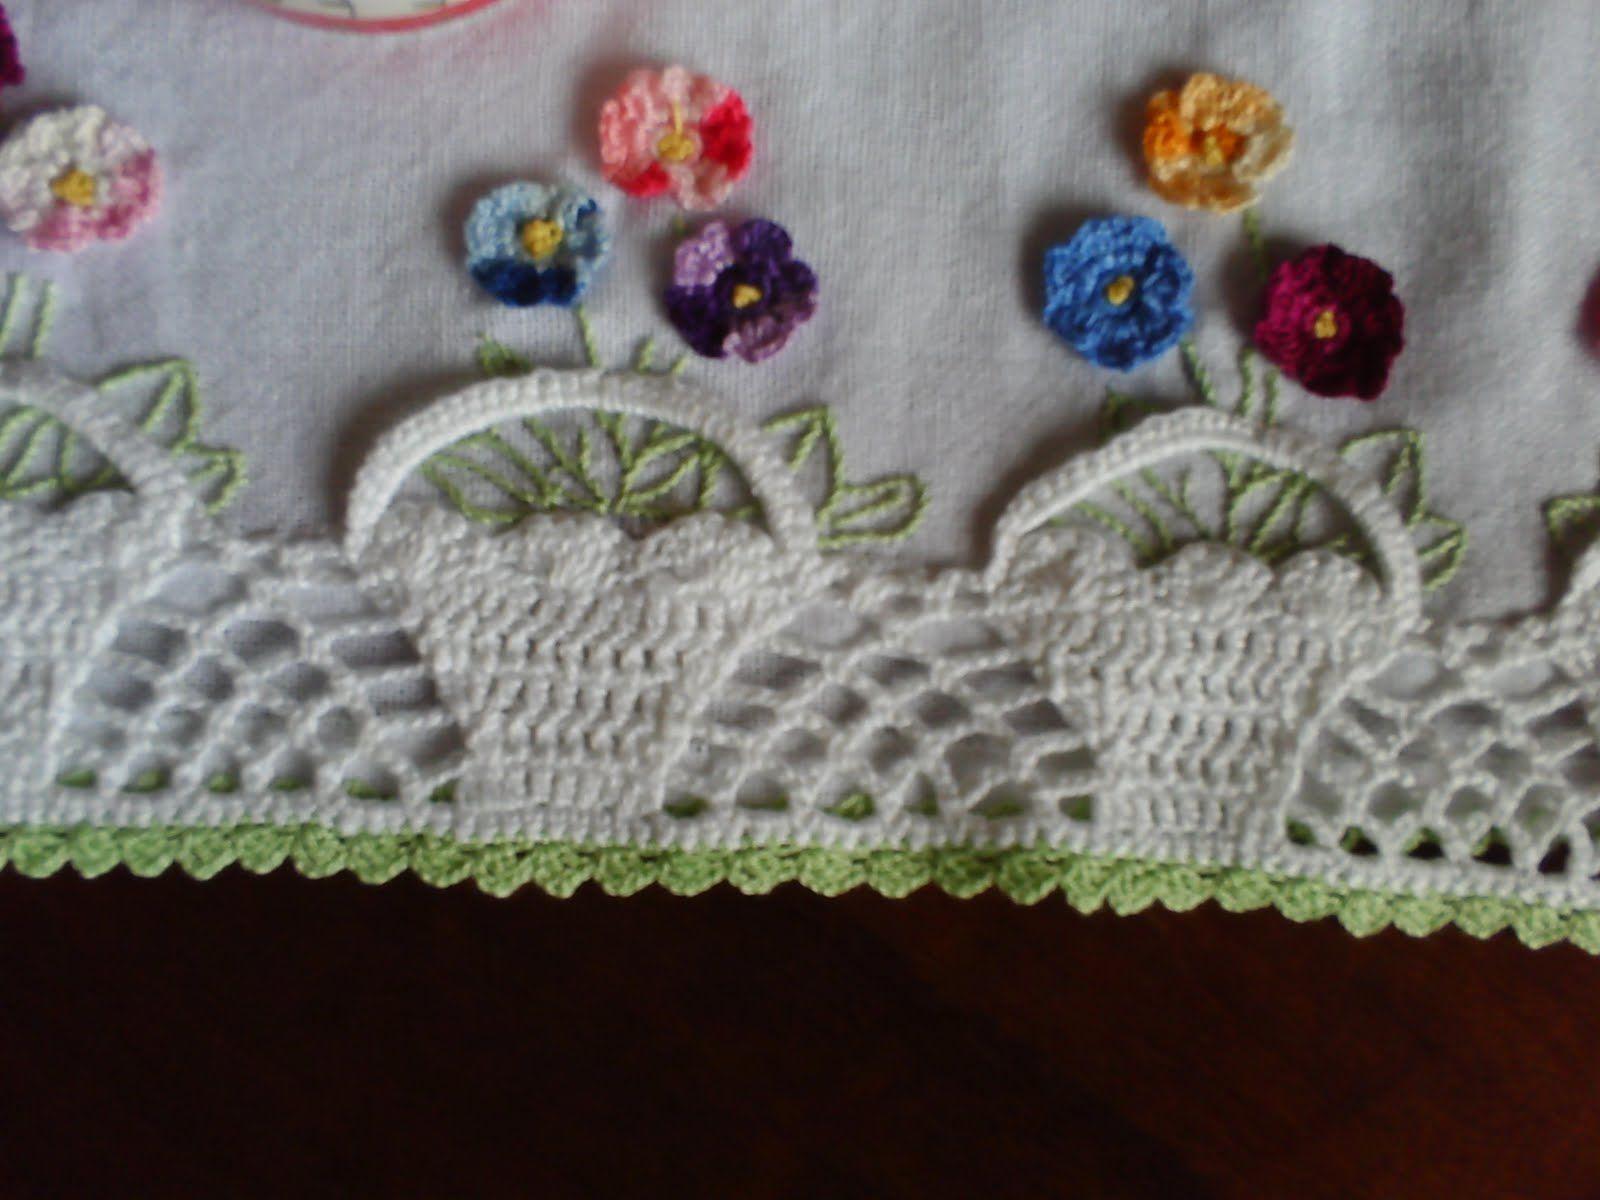 Barrados De Pano De Prato Tapetes De Croche Com Imagens